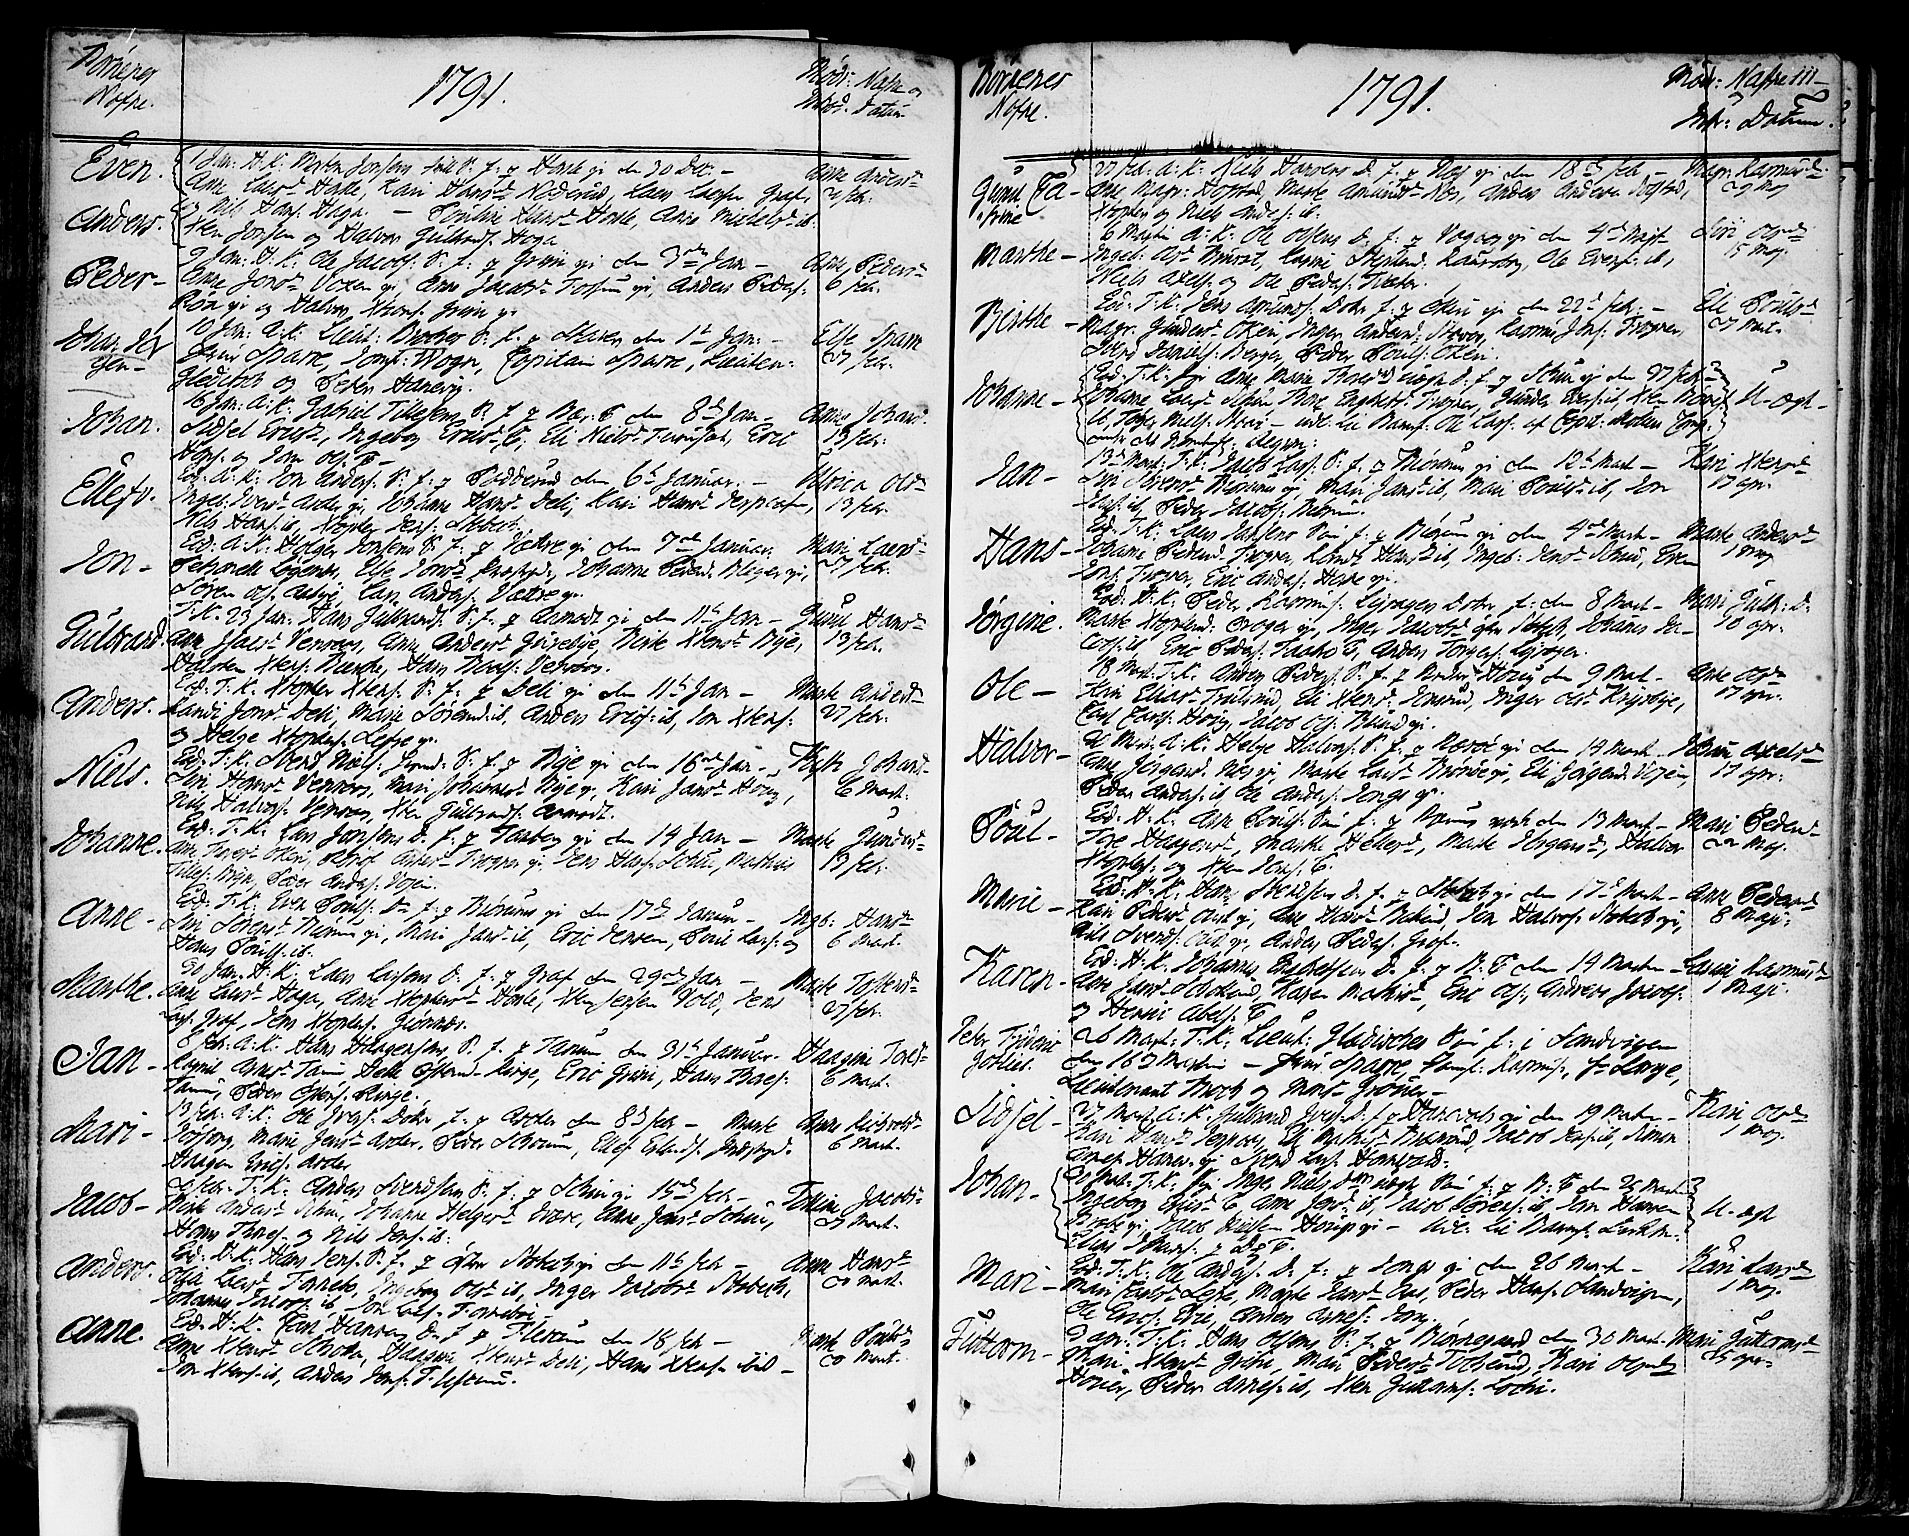 SAO, Asker prestekontor Kirkebøker, F/Fa/L0003: Ministerialbok nr. I 3, 1767-1807, s. 111